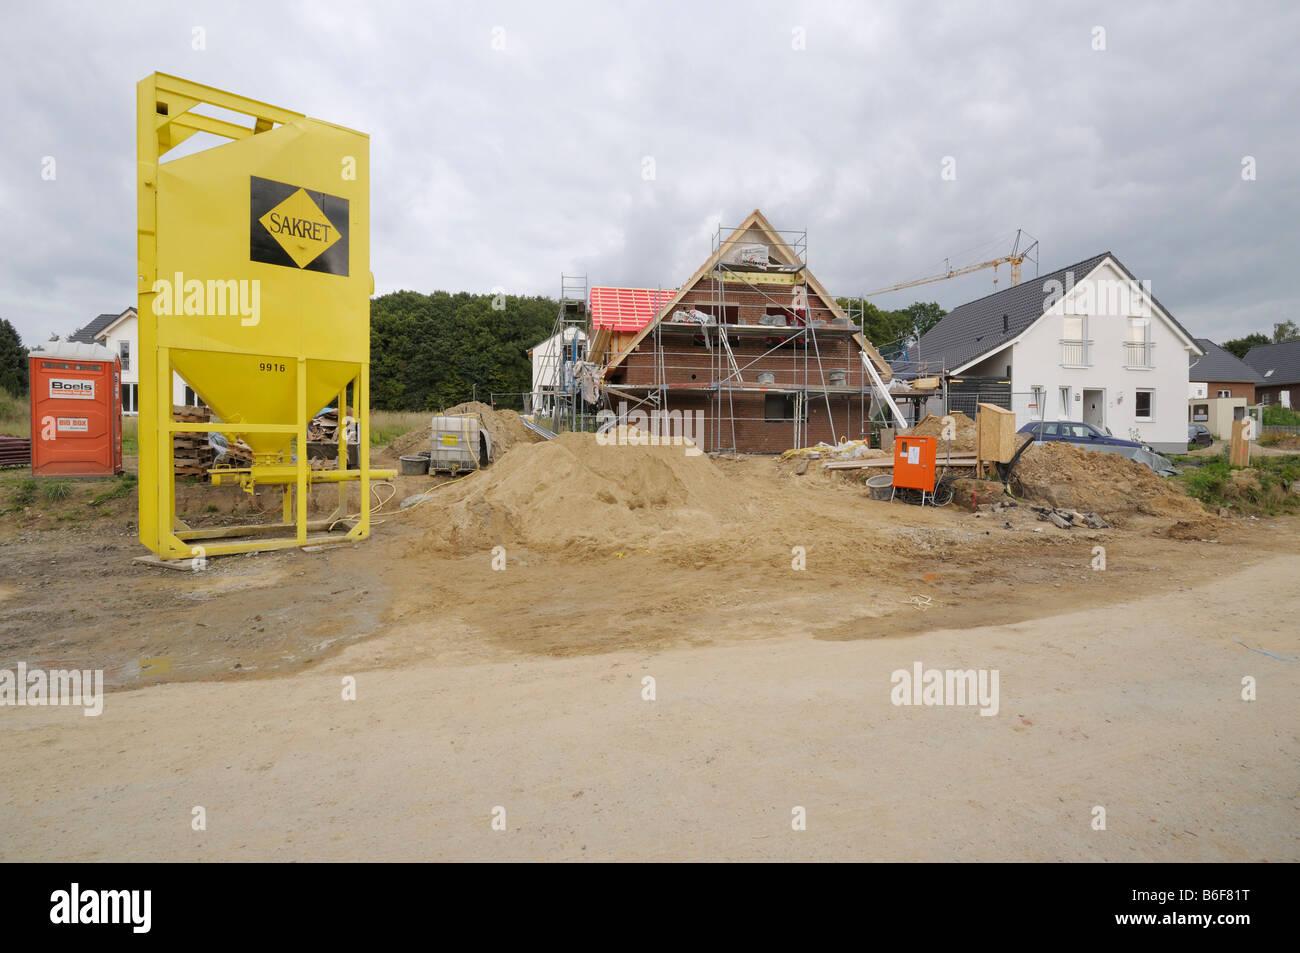 La construcción de viviendas, el desarrollo de área, rodeado de andamios, silo de representación Imagen De Stock